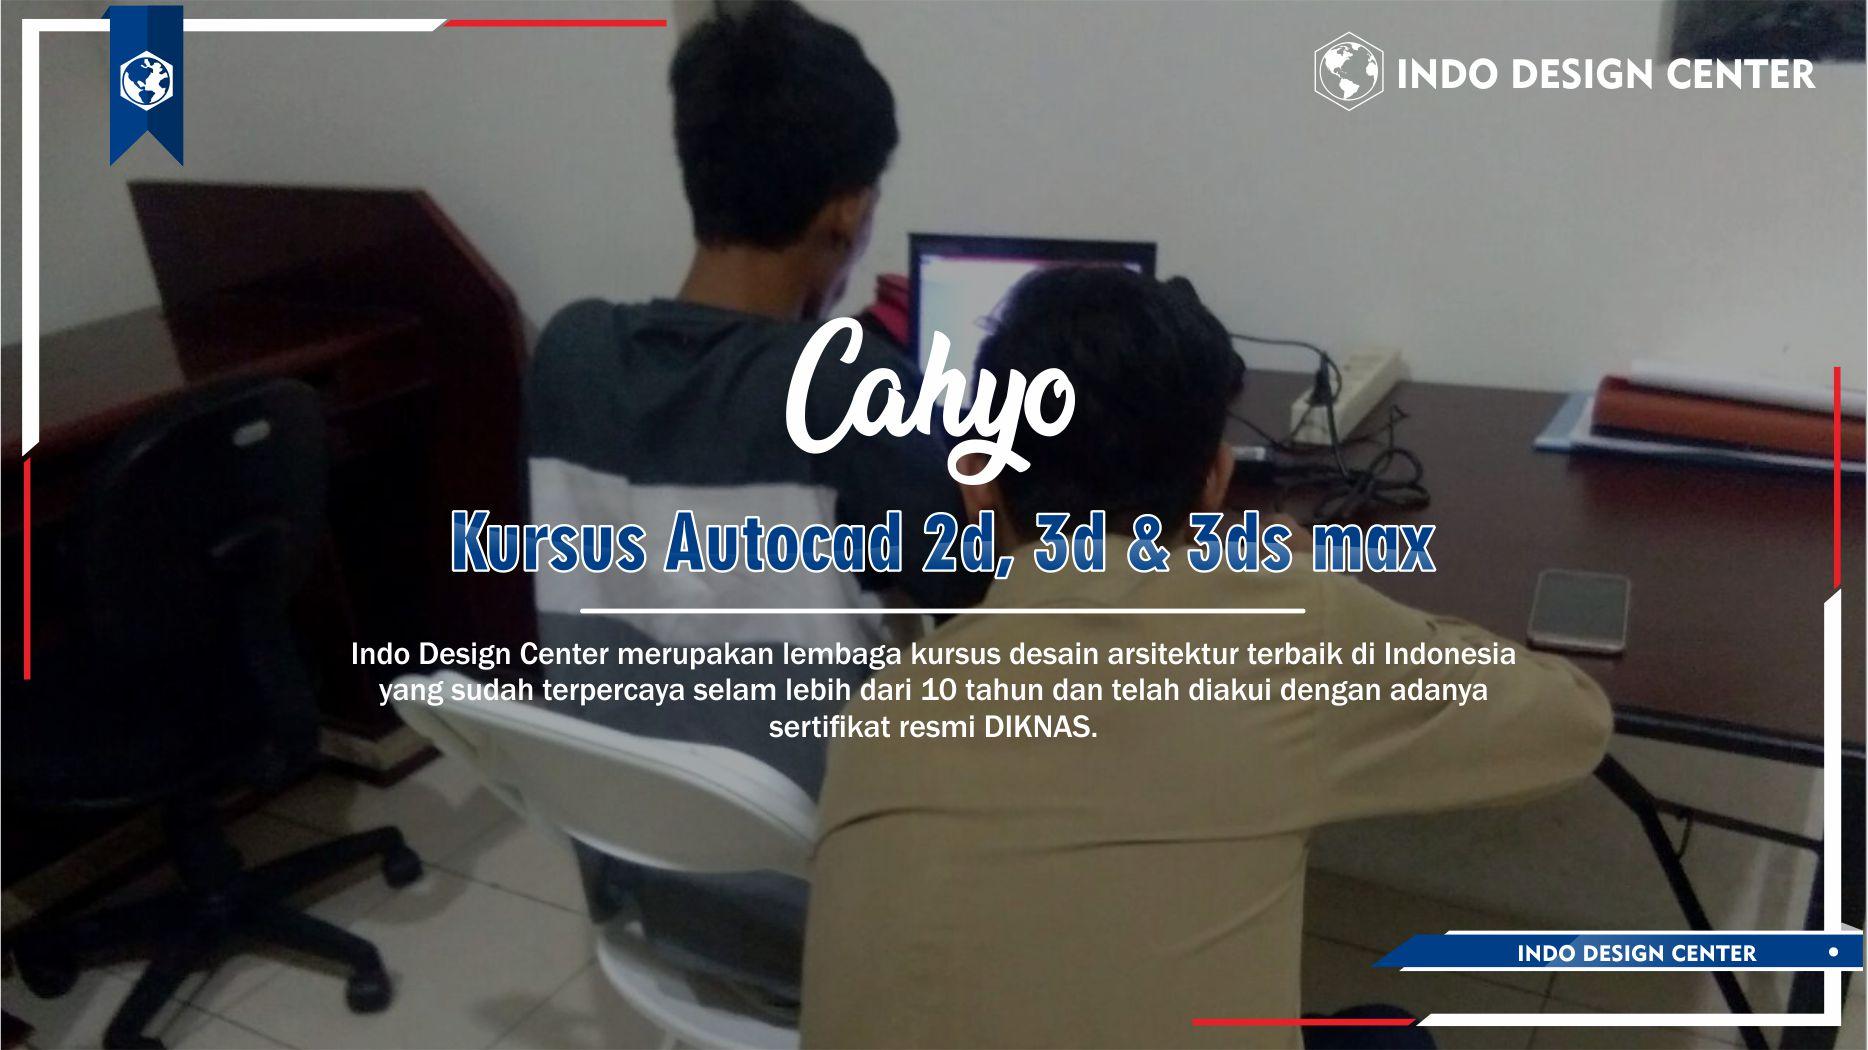 Kursus Autocad 2D, 3D & 3ds Max Neglasari Tangerang Cahyo Arif Rahman